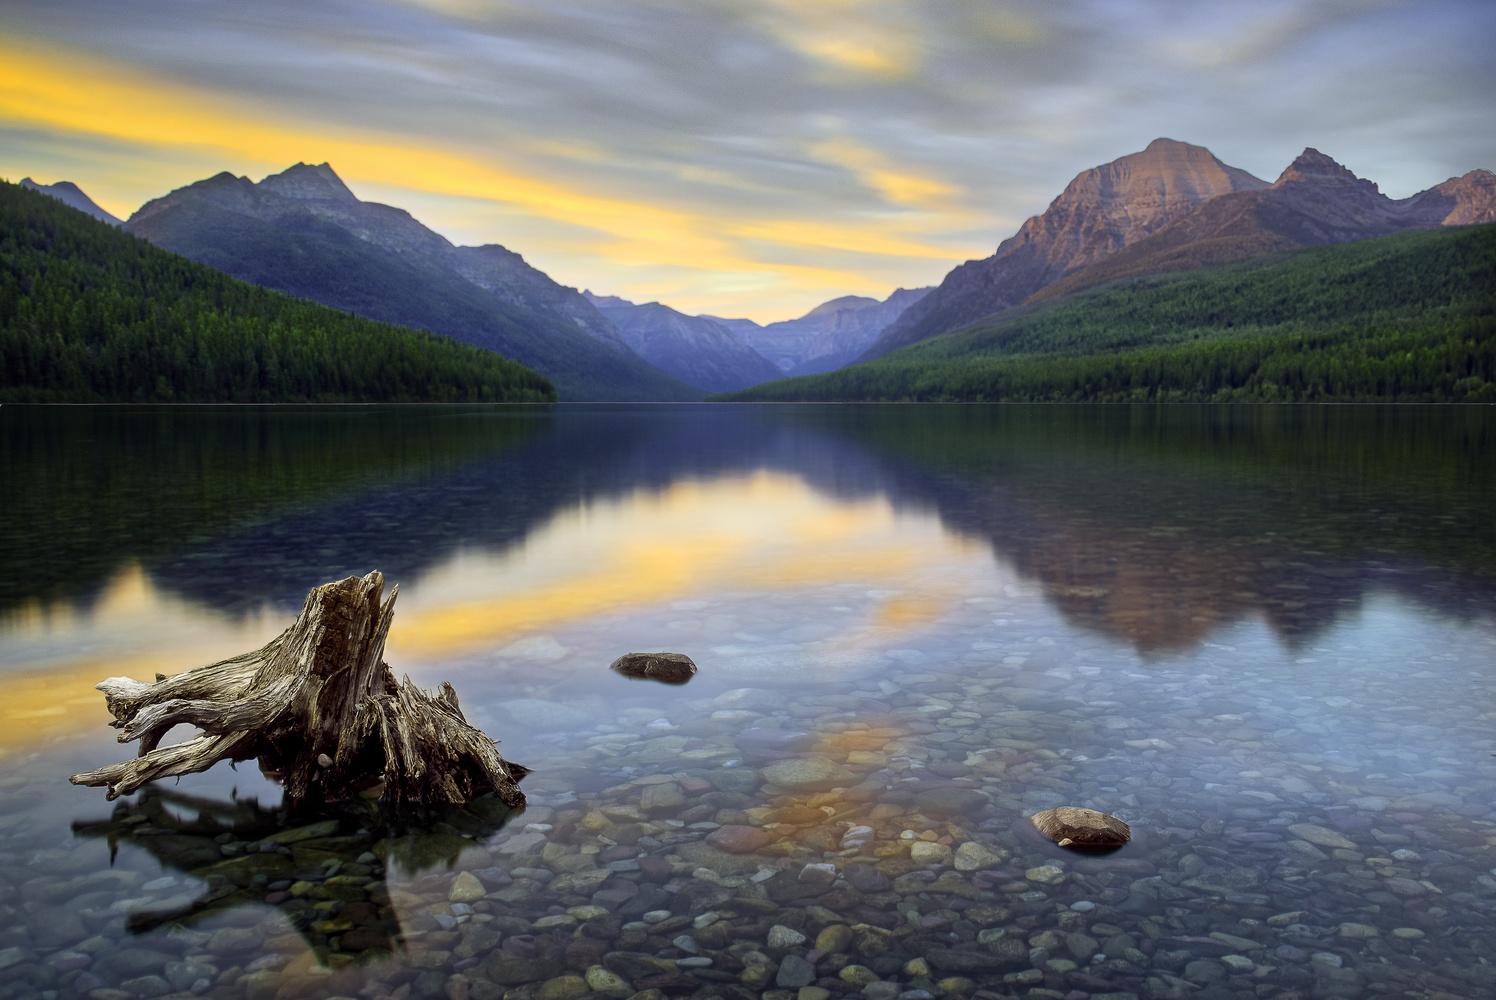 Bowman Lake by Gene Balun